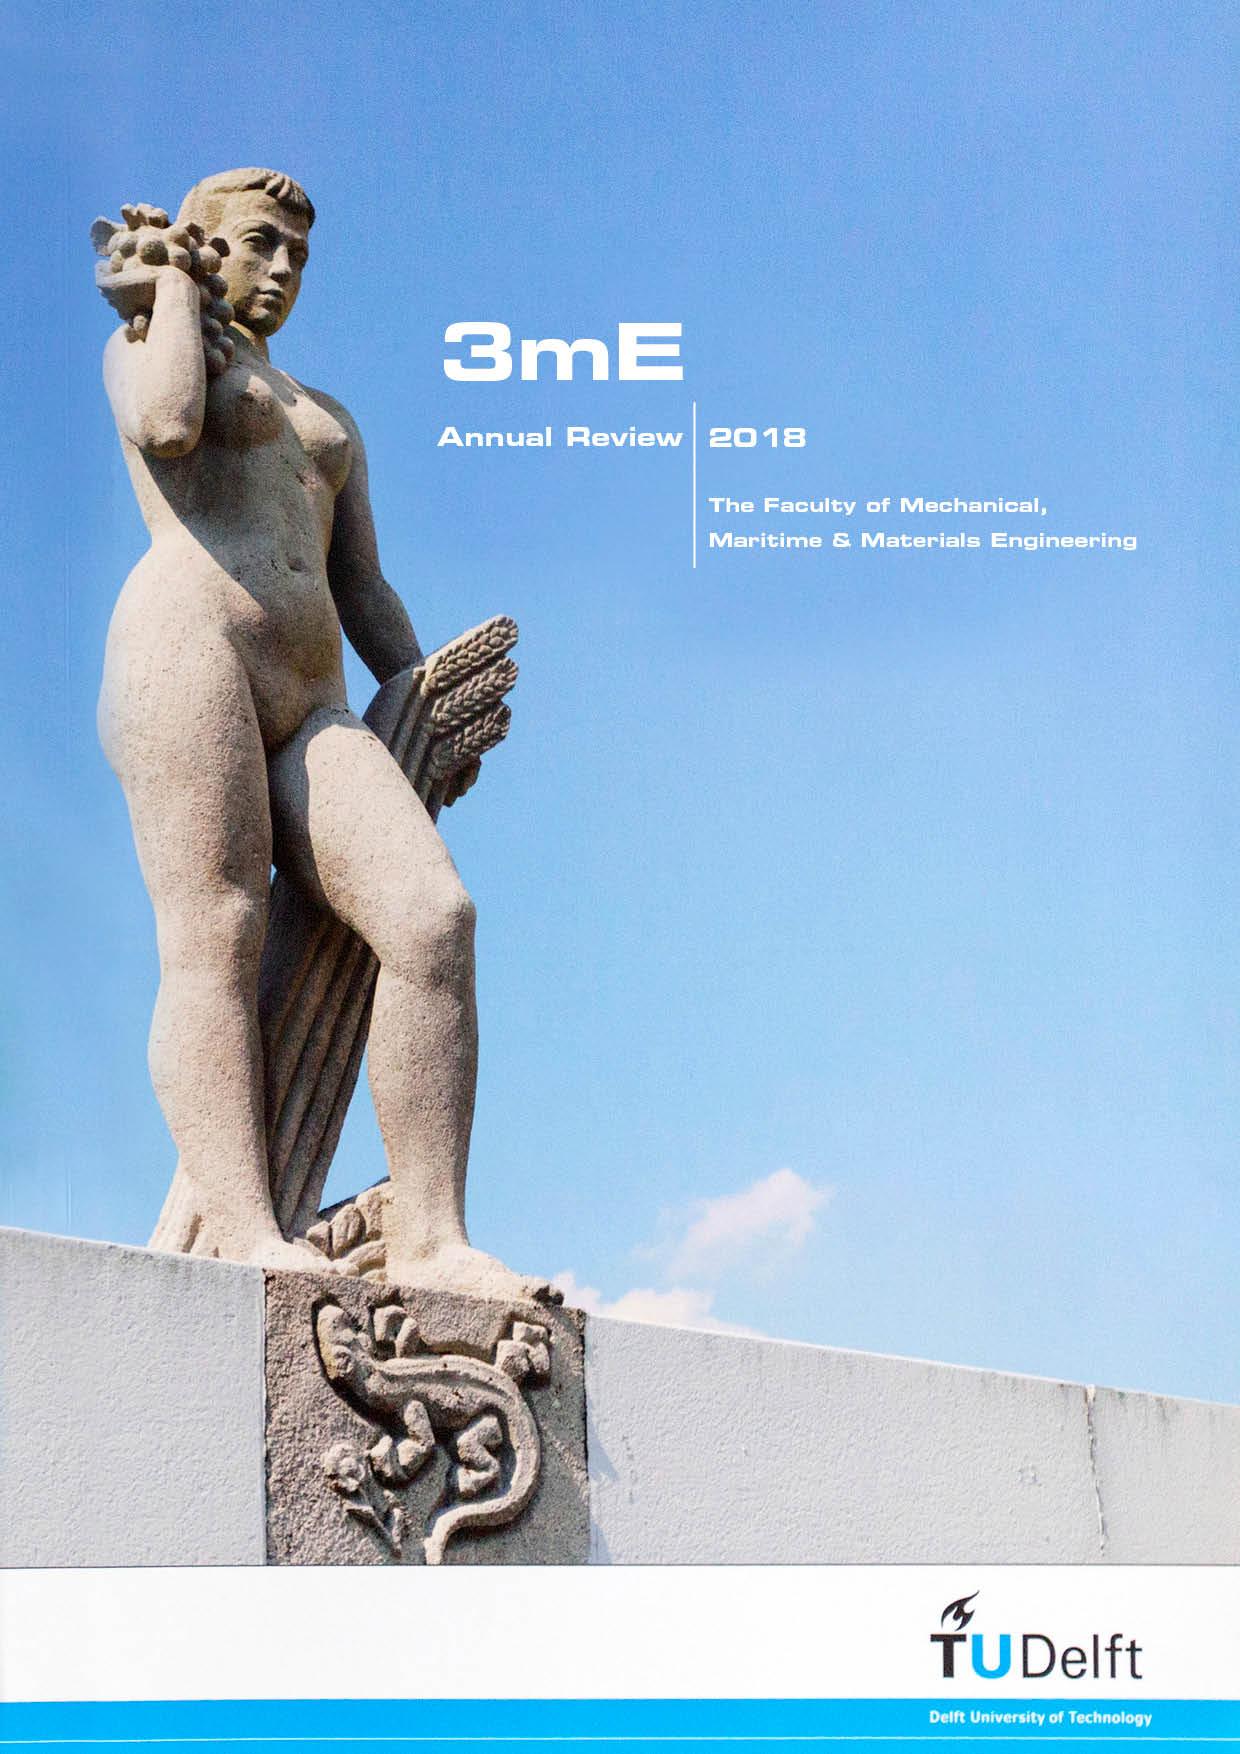 Onderwijs - • brochures• jaarverslagen• beursstands• design | fotografie | illustraties